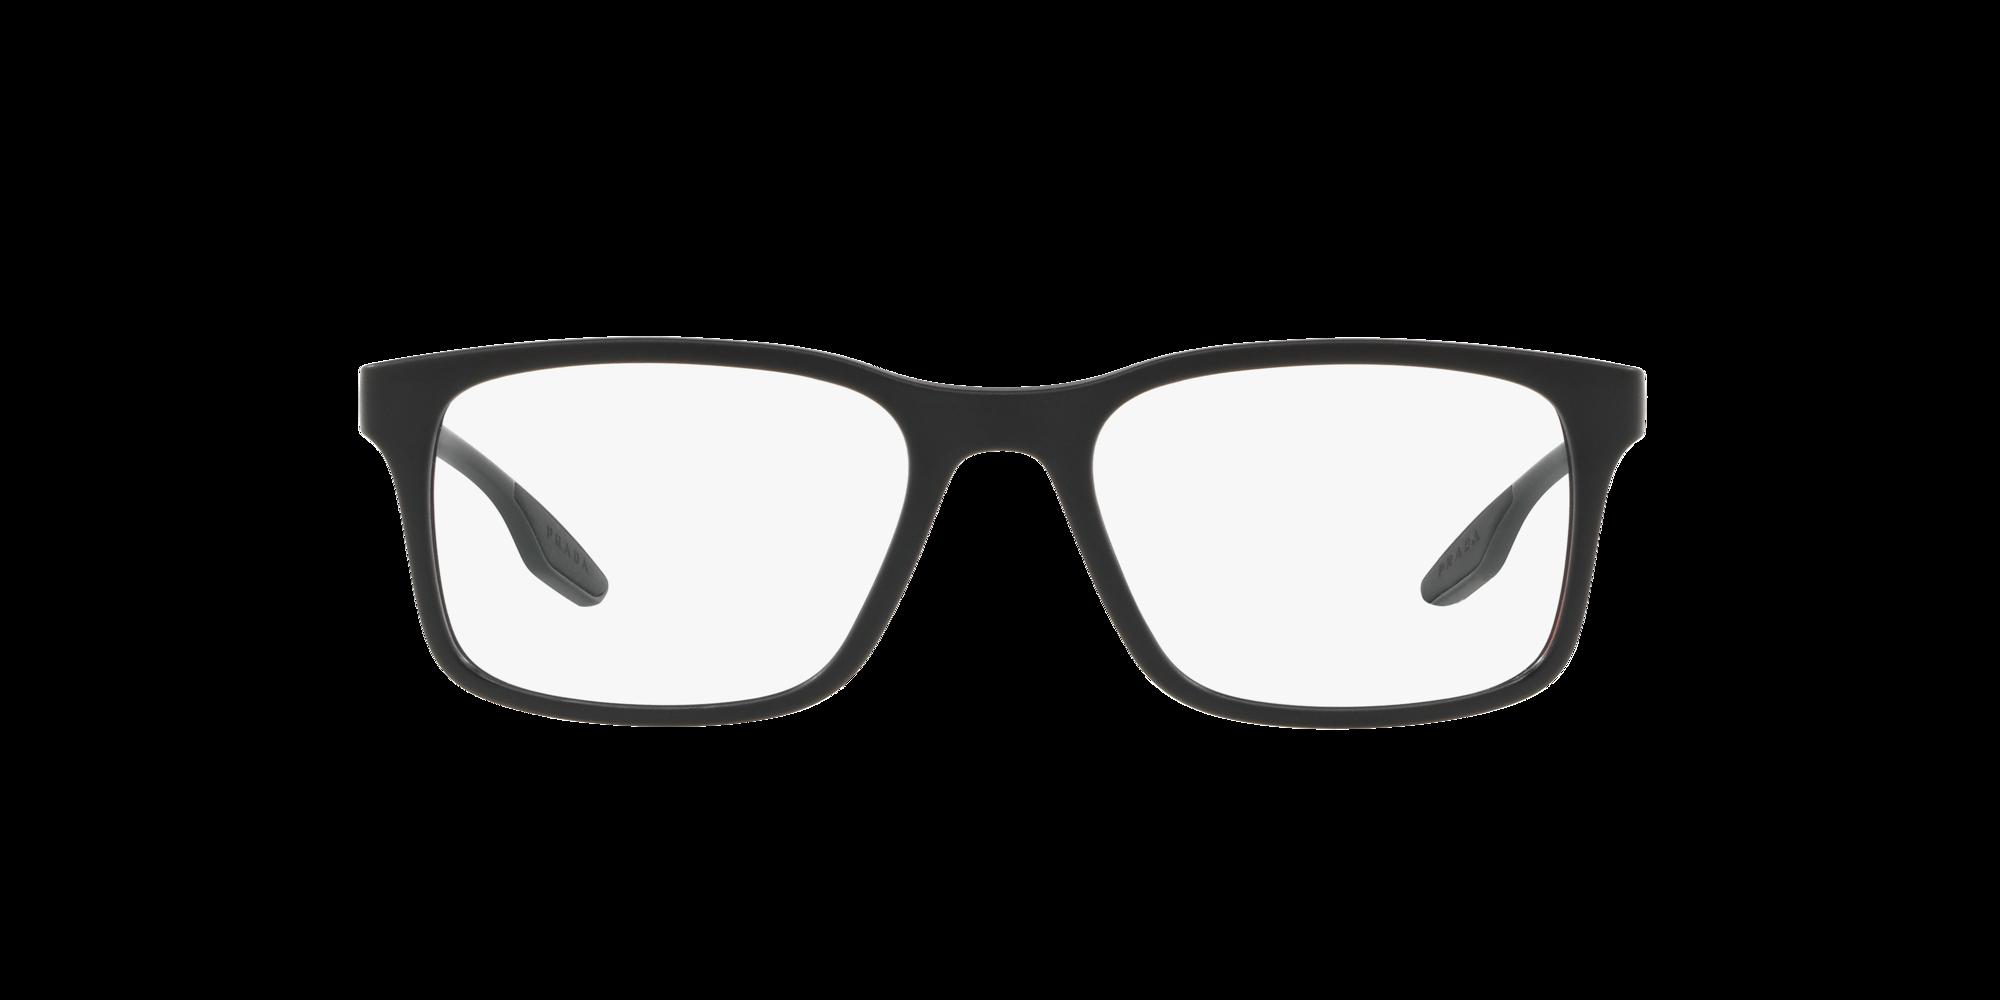 Imagen para PS 01LV LIFESTYLE de LensCrafters |  Espejuelos, espejuelos graduados en línea, gafas